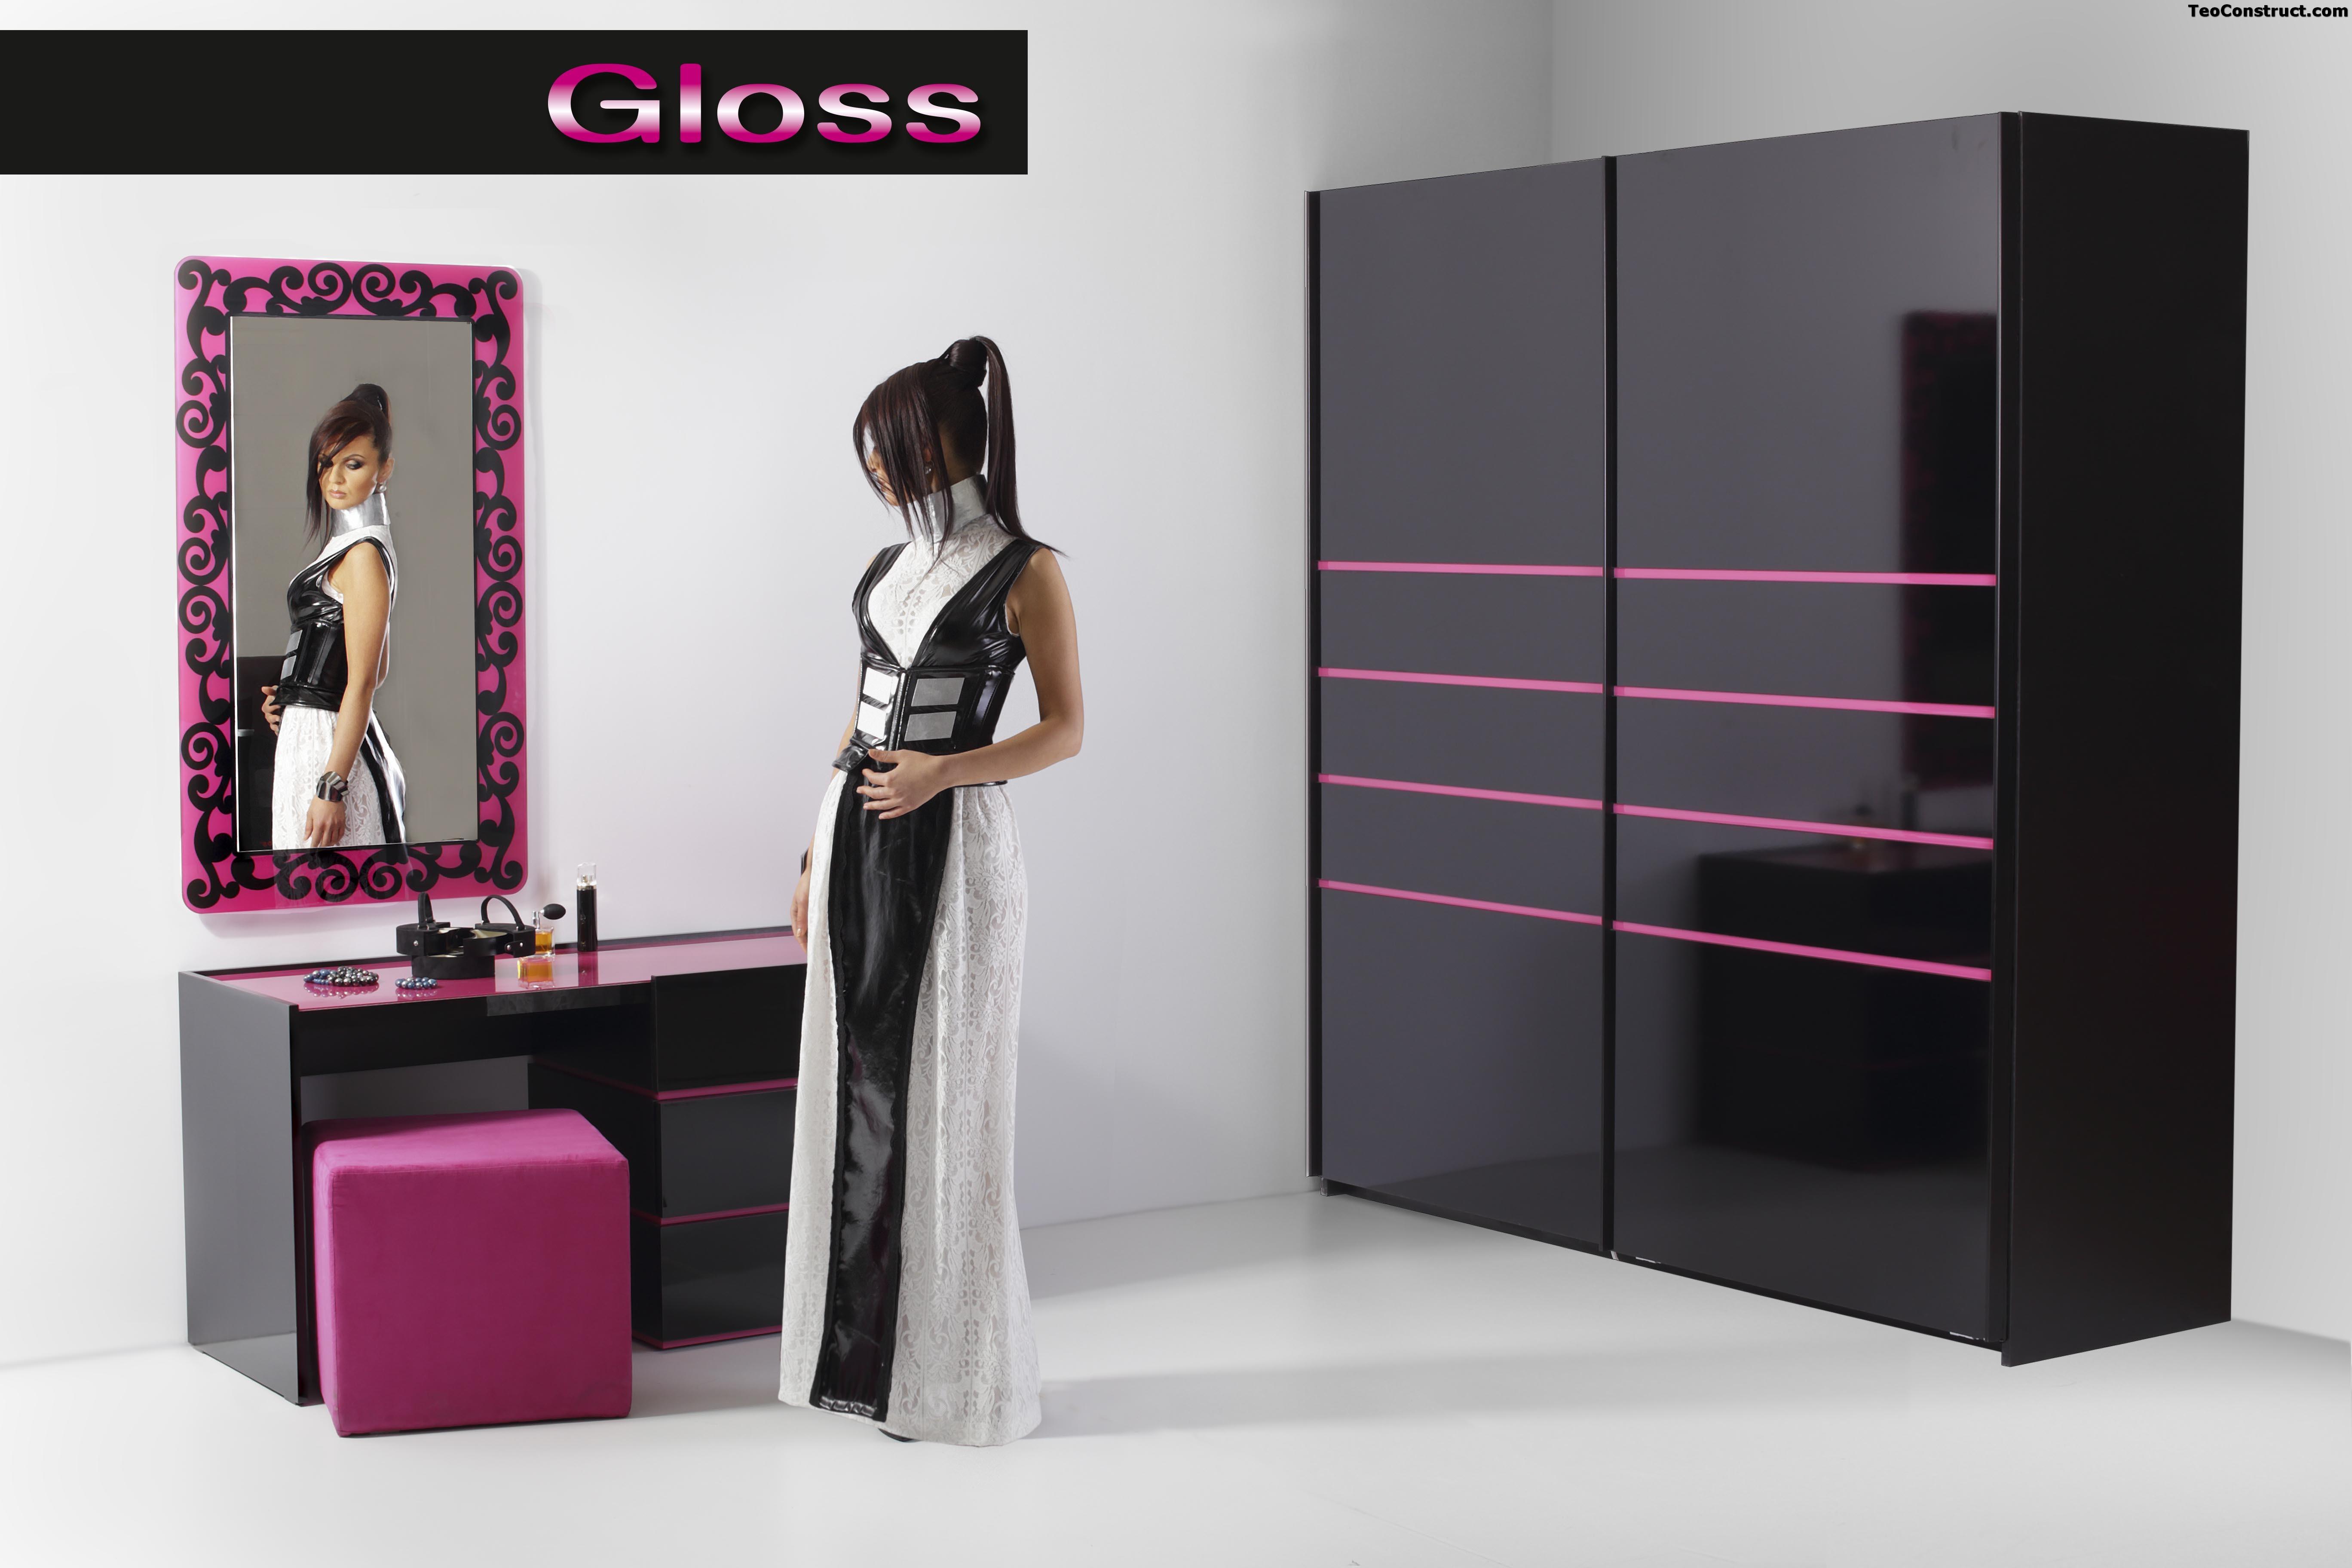 Dormitoare Gloss ieftine01